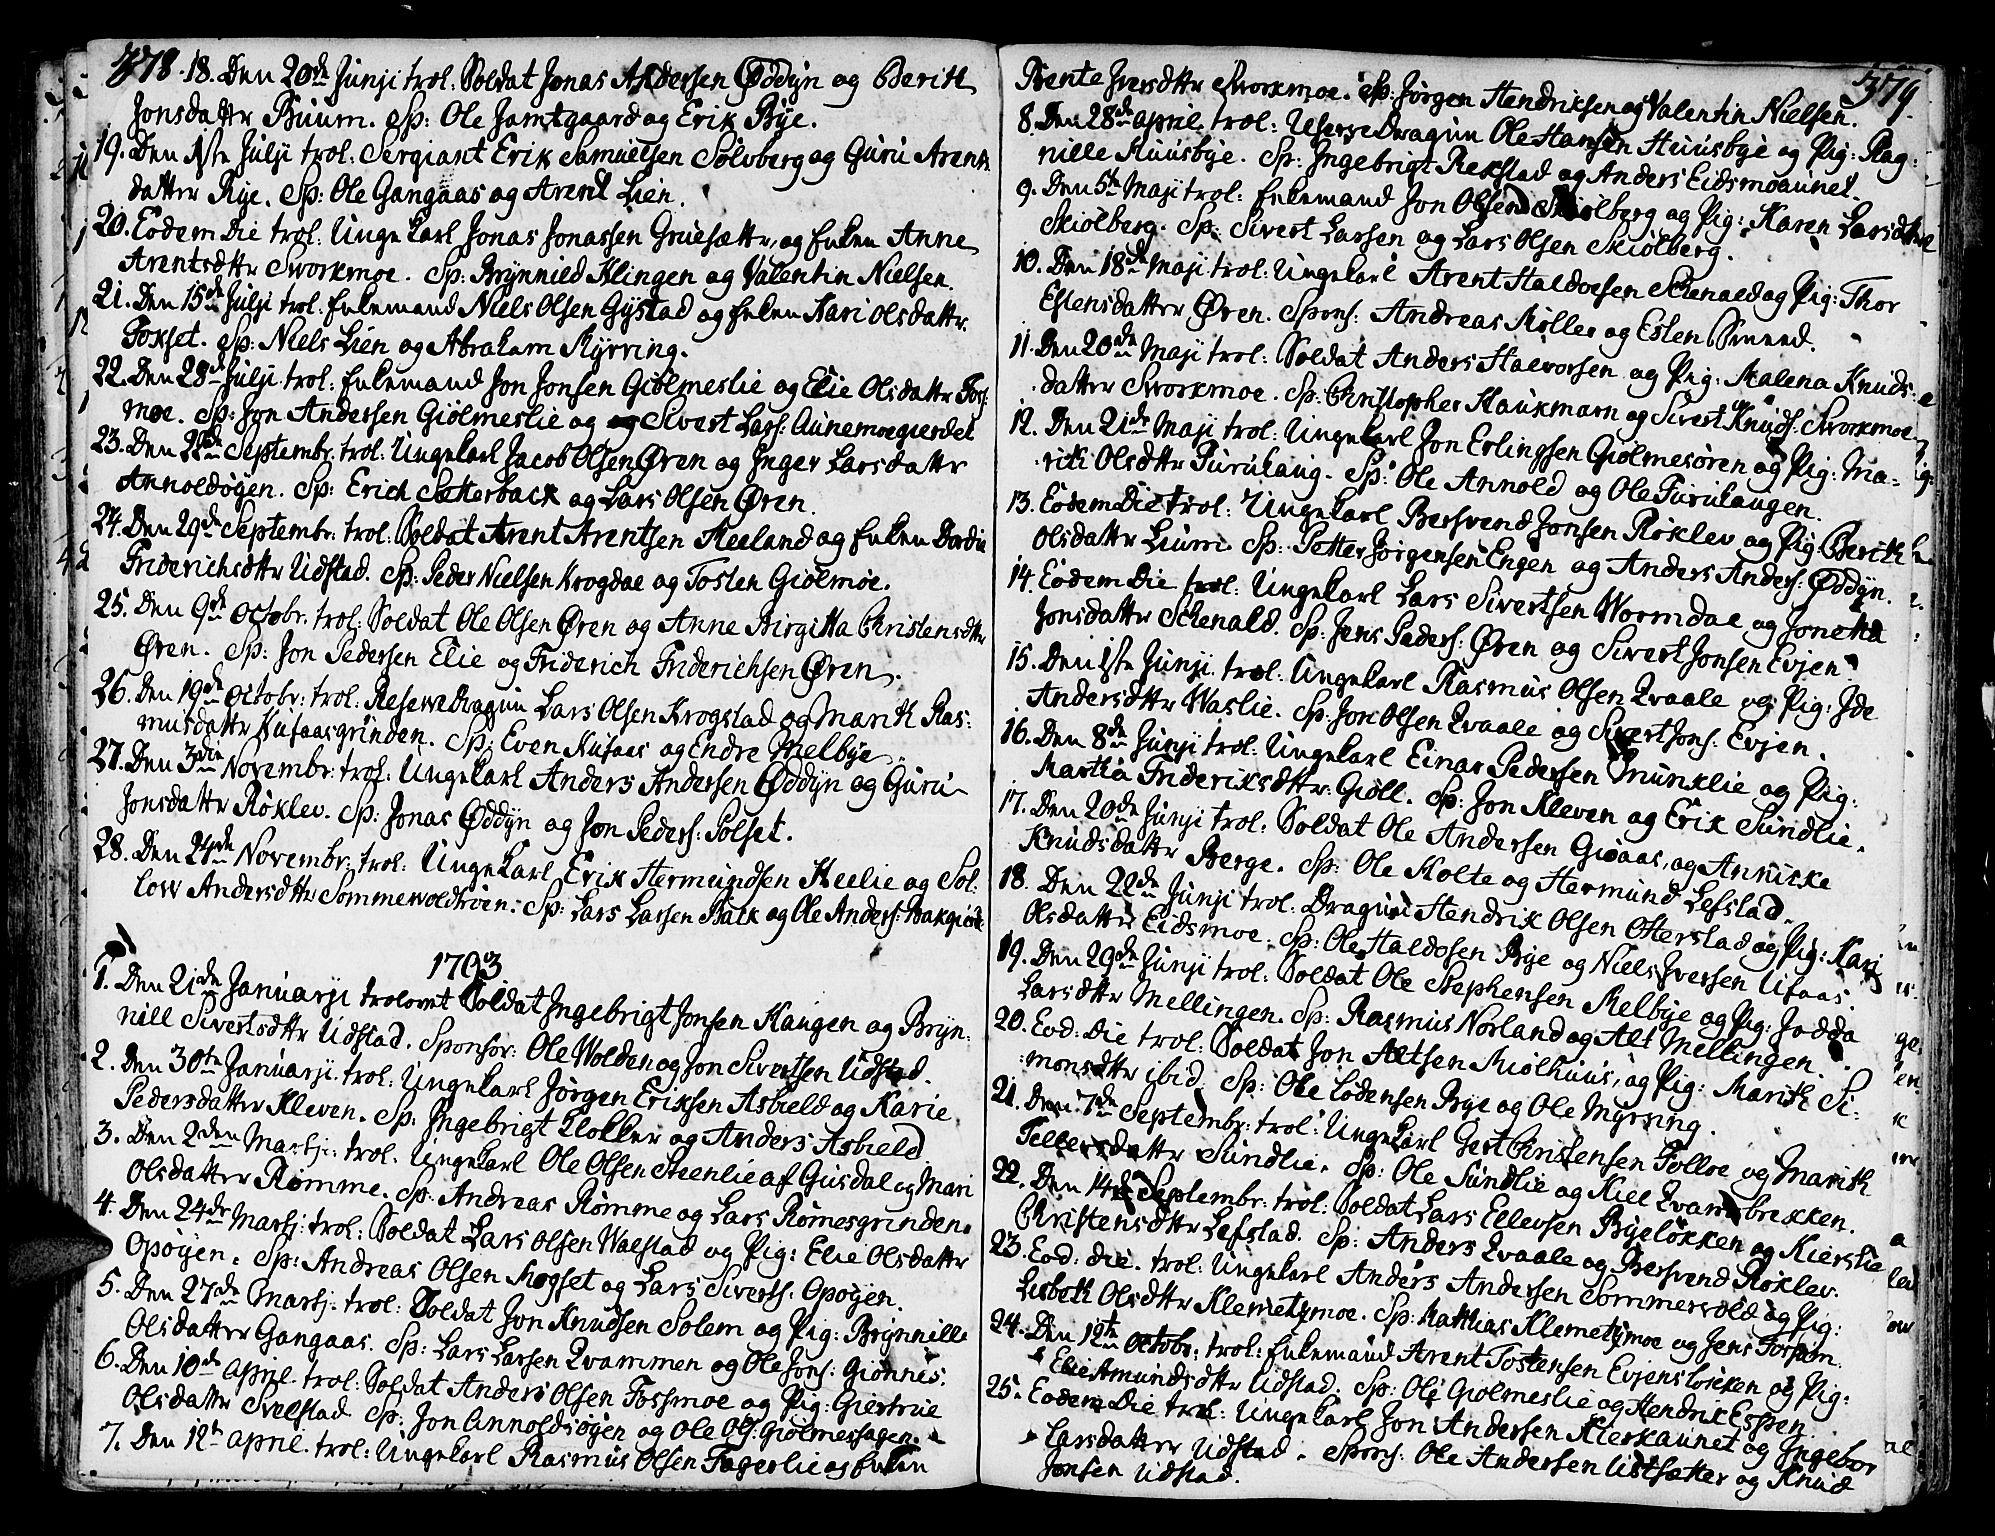 SAT, Ministerialprotokoller, klokkerbøker og fødselsregistre - Sør-Trøndelag, 668/L0802: Ministerialbok nr. 668A02, 1776-1799, s. 378-379